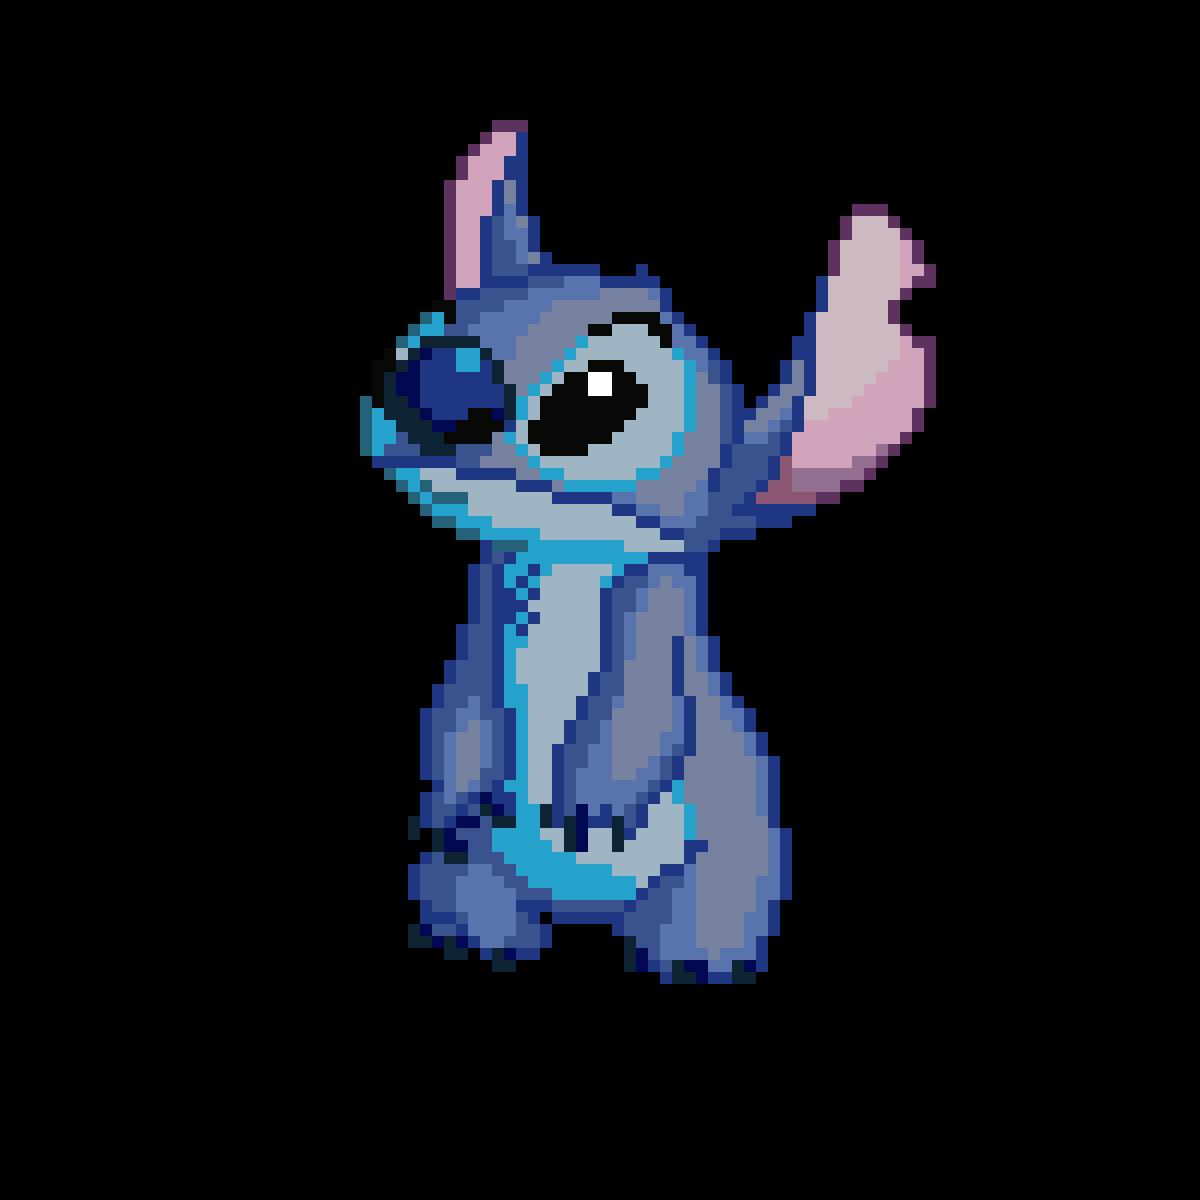 Pixilart Pixel Art Stitch By Jameschamb